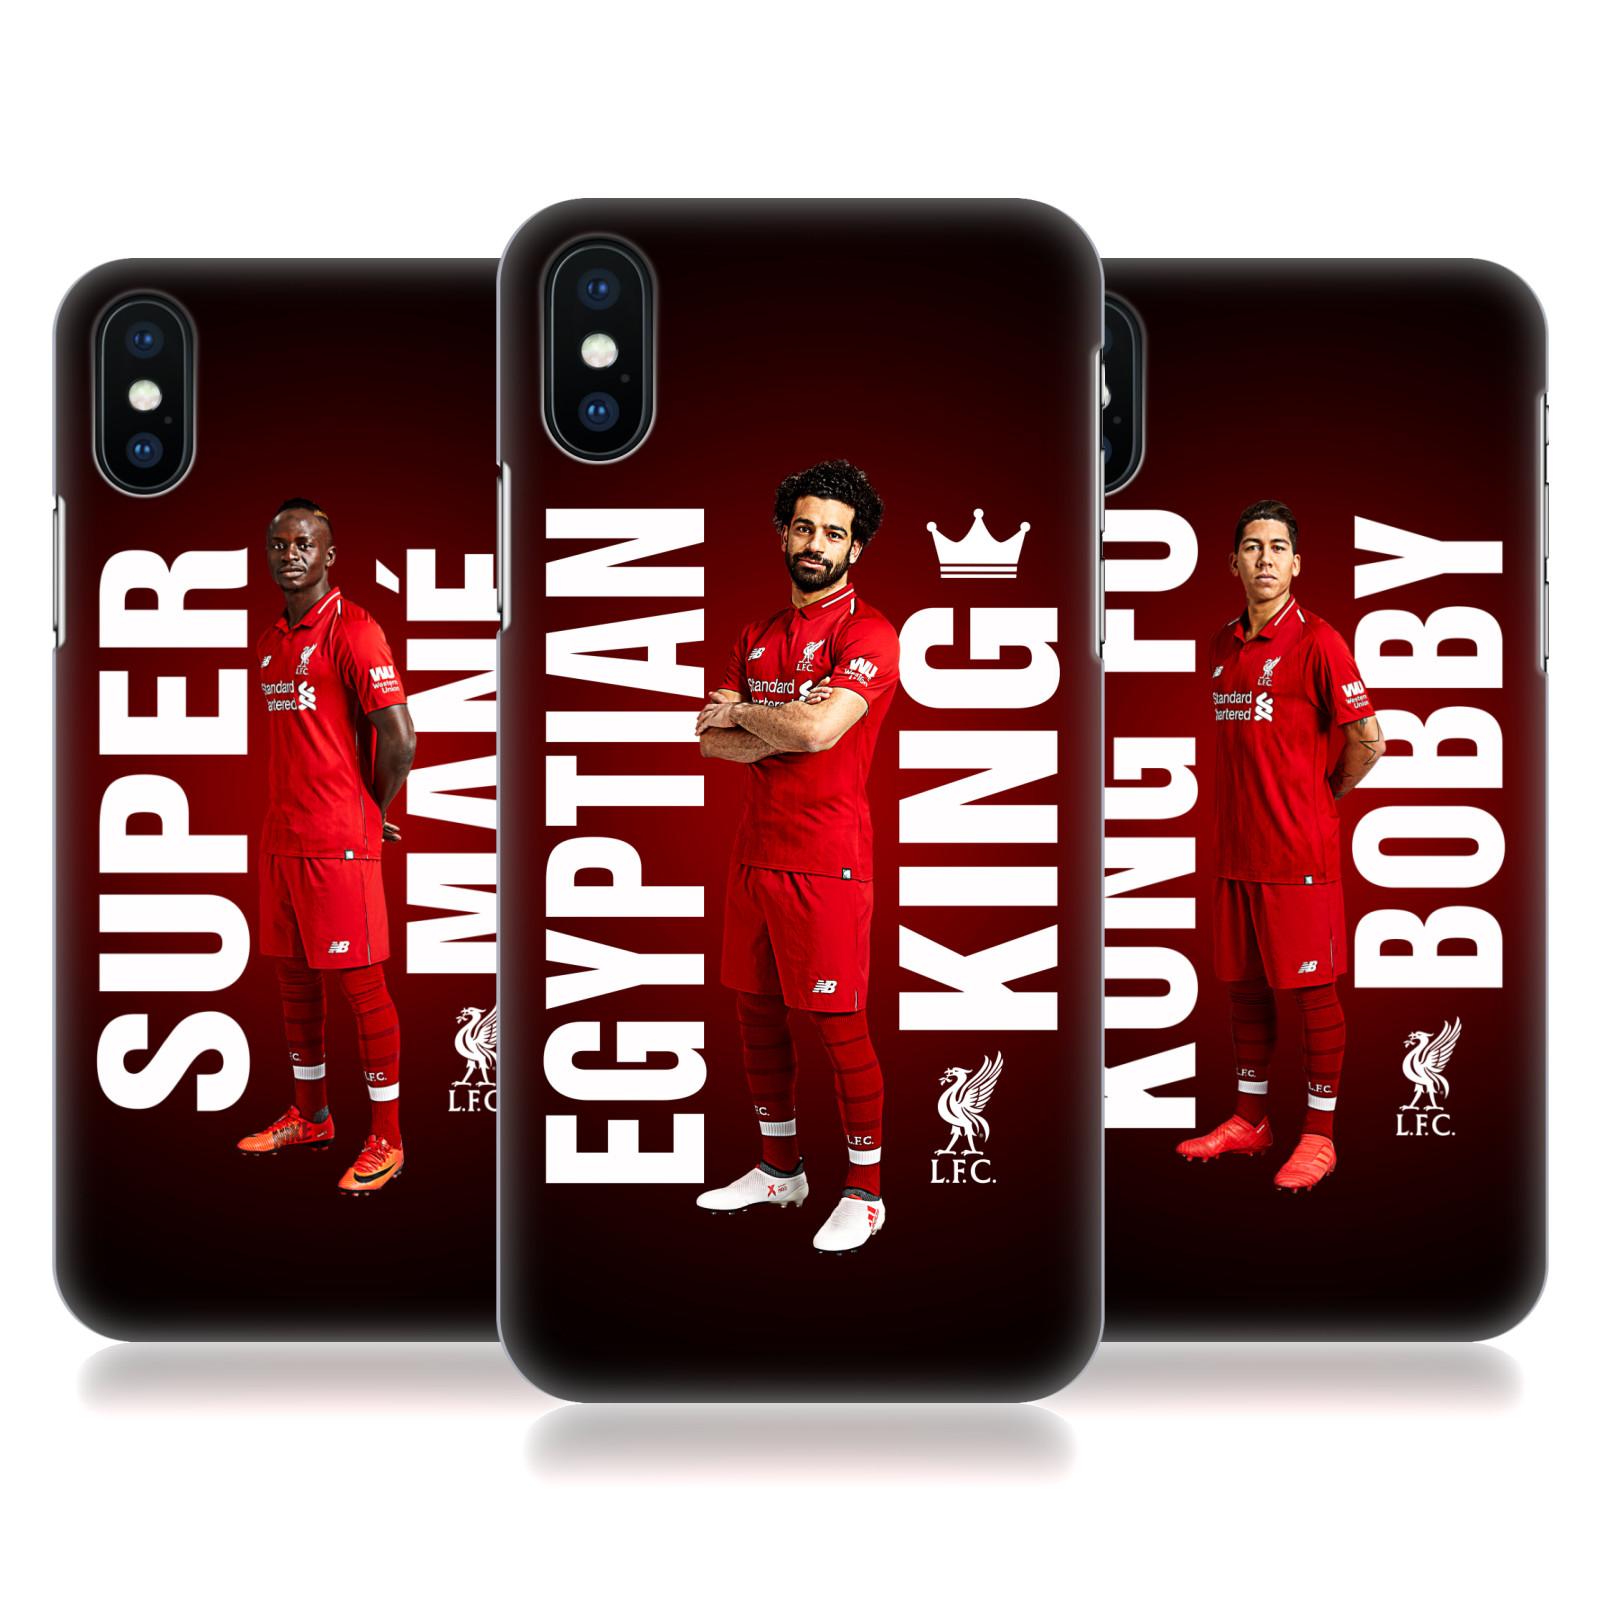 Liverpool Football Club 2018/19 Star Trio